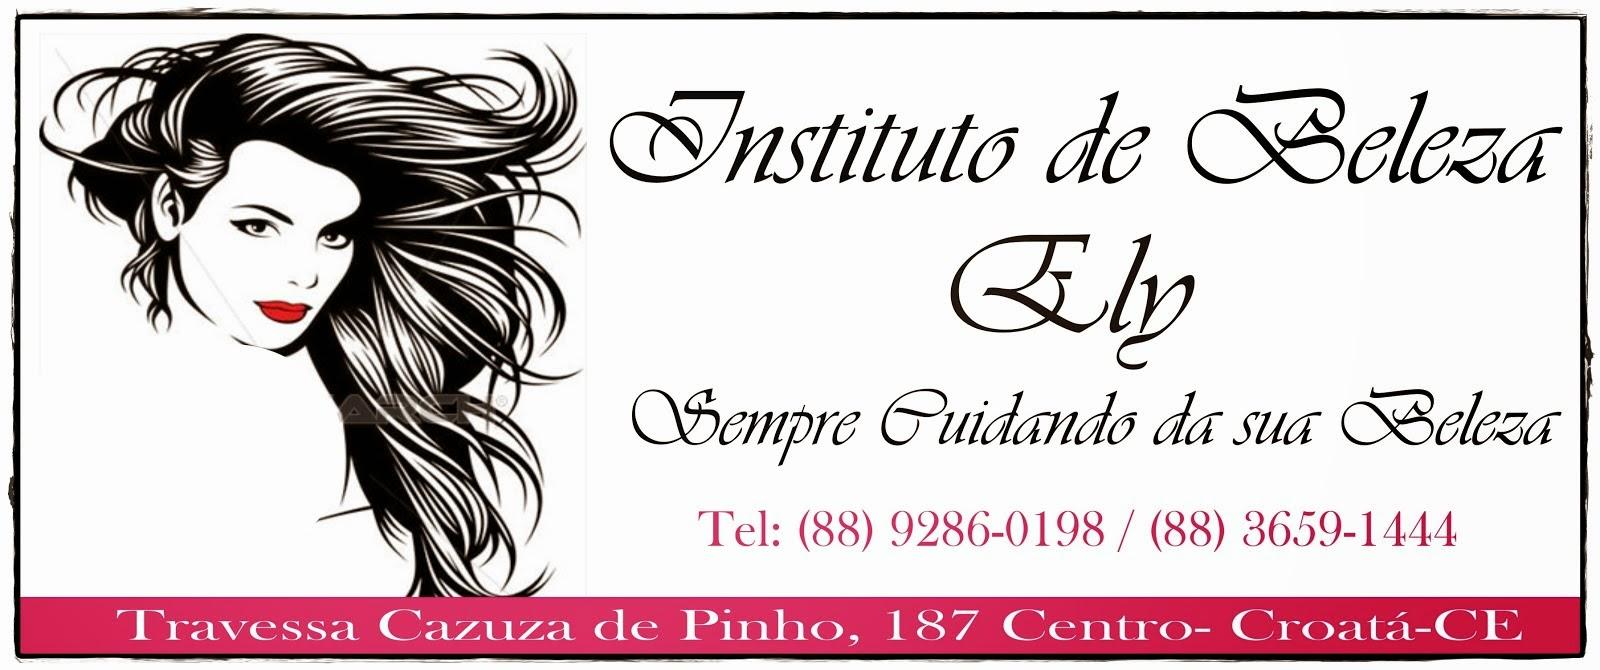 INSTITUTO DE BELEZA ELY